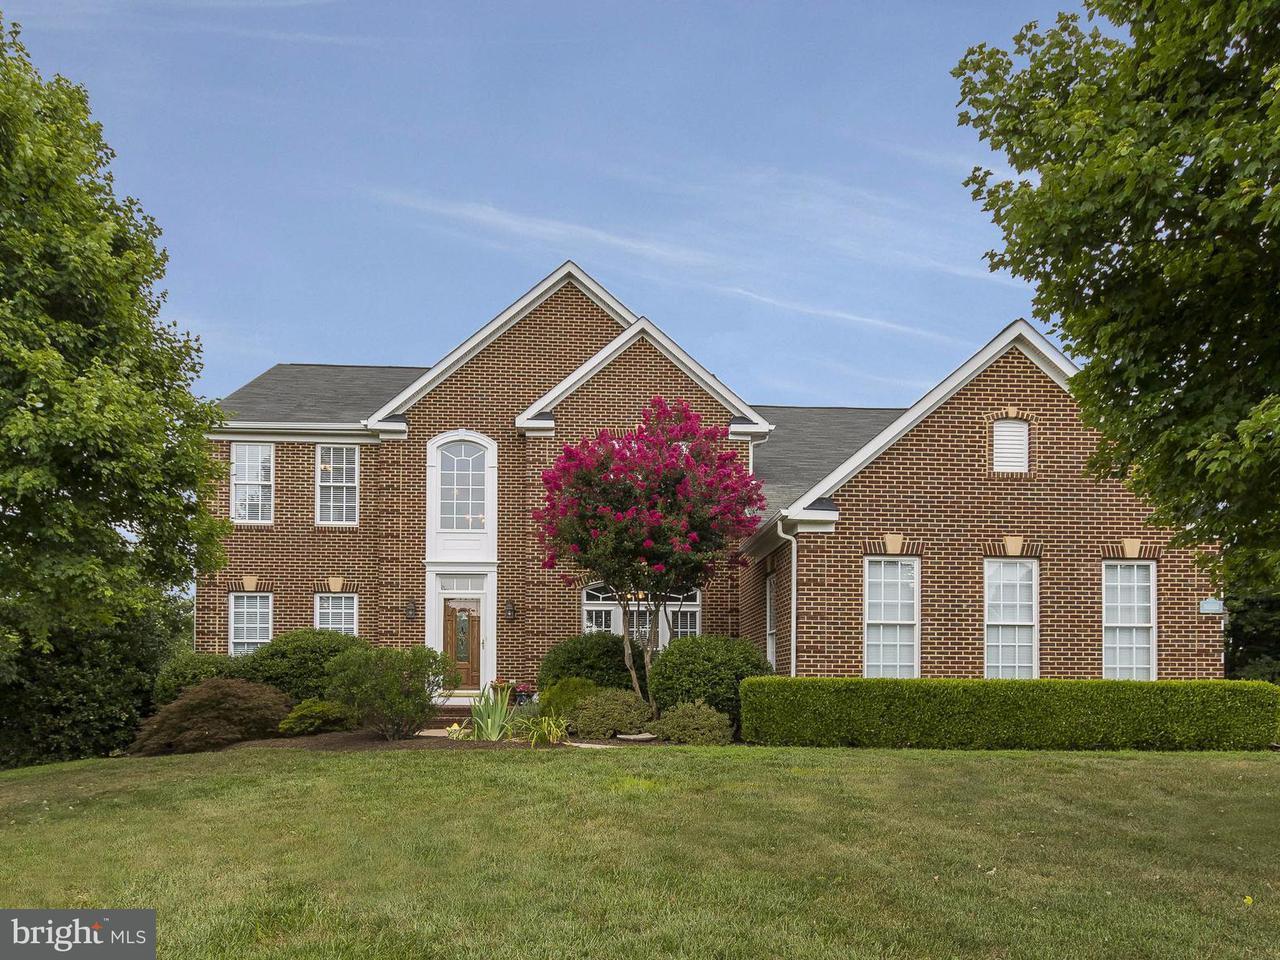 단독 가정 주택 용 매매 에 19133 John William Place 19133 John William Place Culpeper, 버지니아 22701 미국